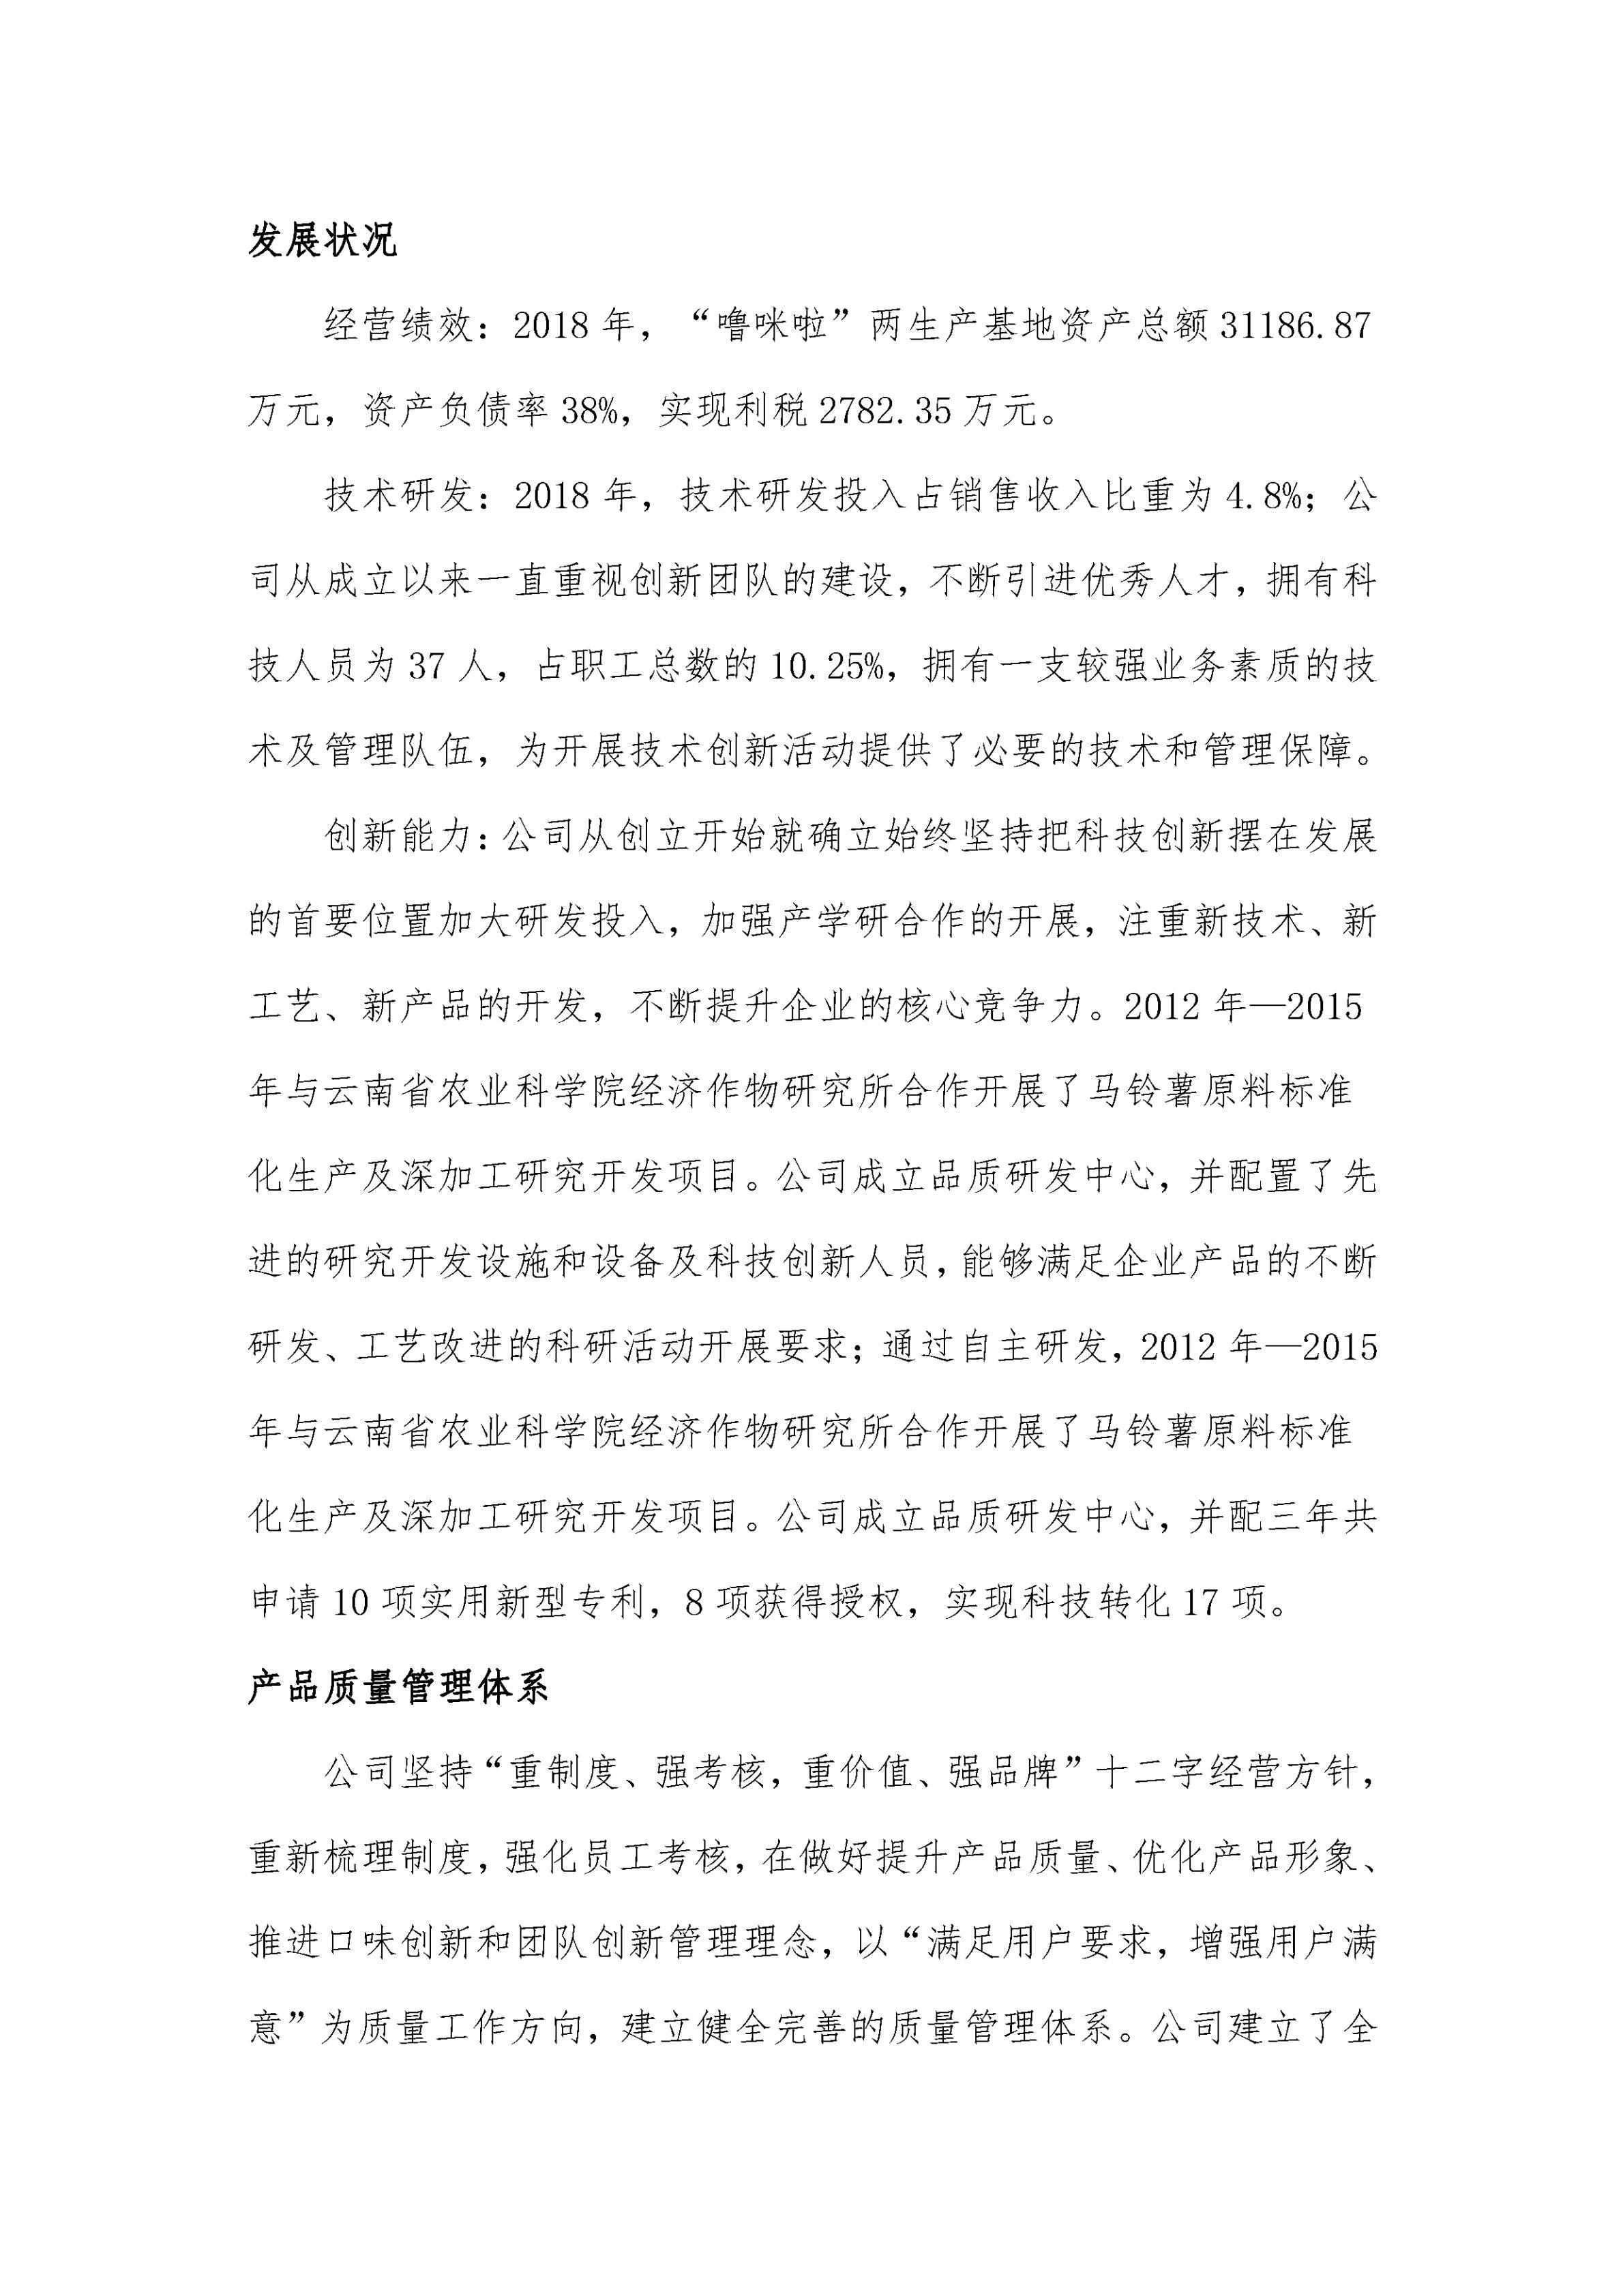 云南理世實業(集團)有限責任公司2018年社會責任報告.FR11_06.jpg